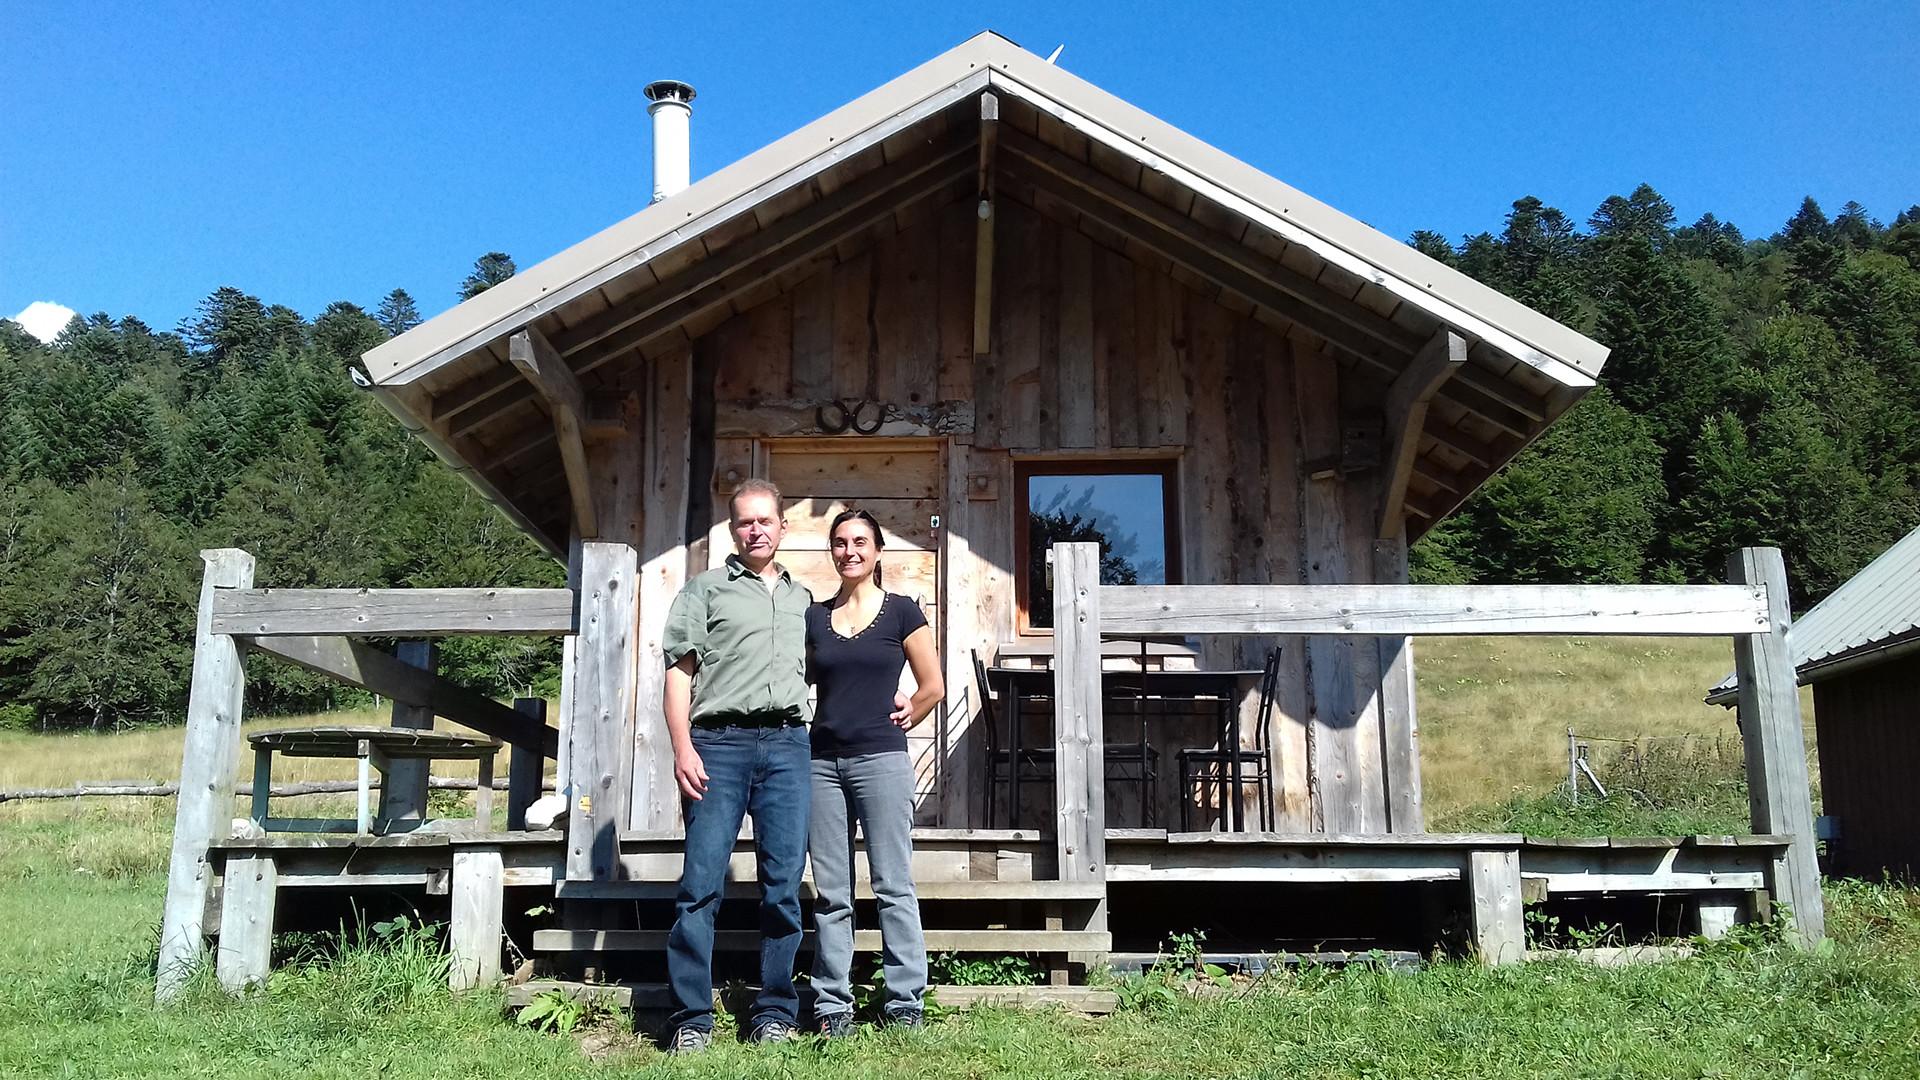 Les Chalets Nature Vercors - Location de chalets au coeur du parc naturel régional du Vercors - Vos hôtes: Valérie et Laurent Gonsolin